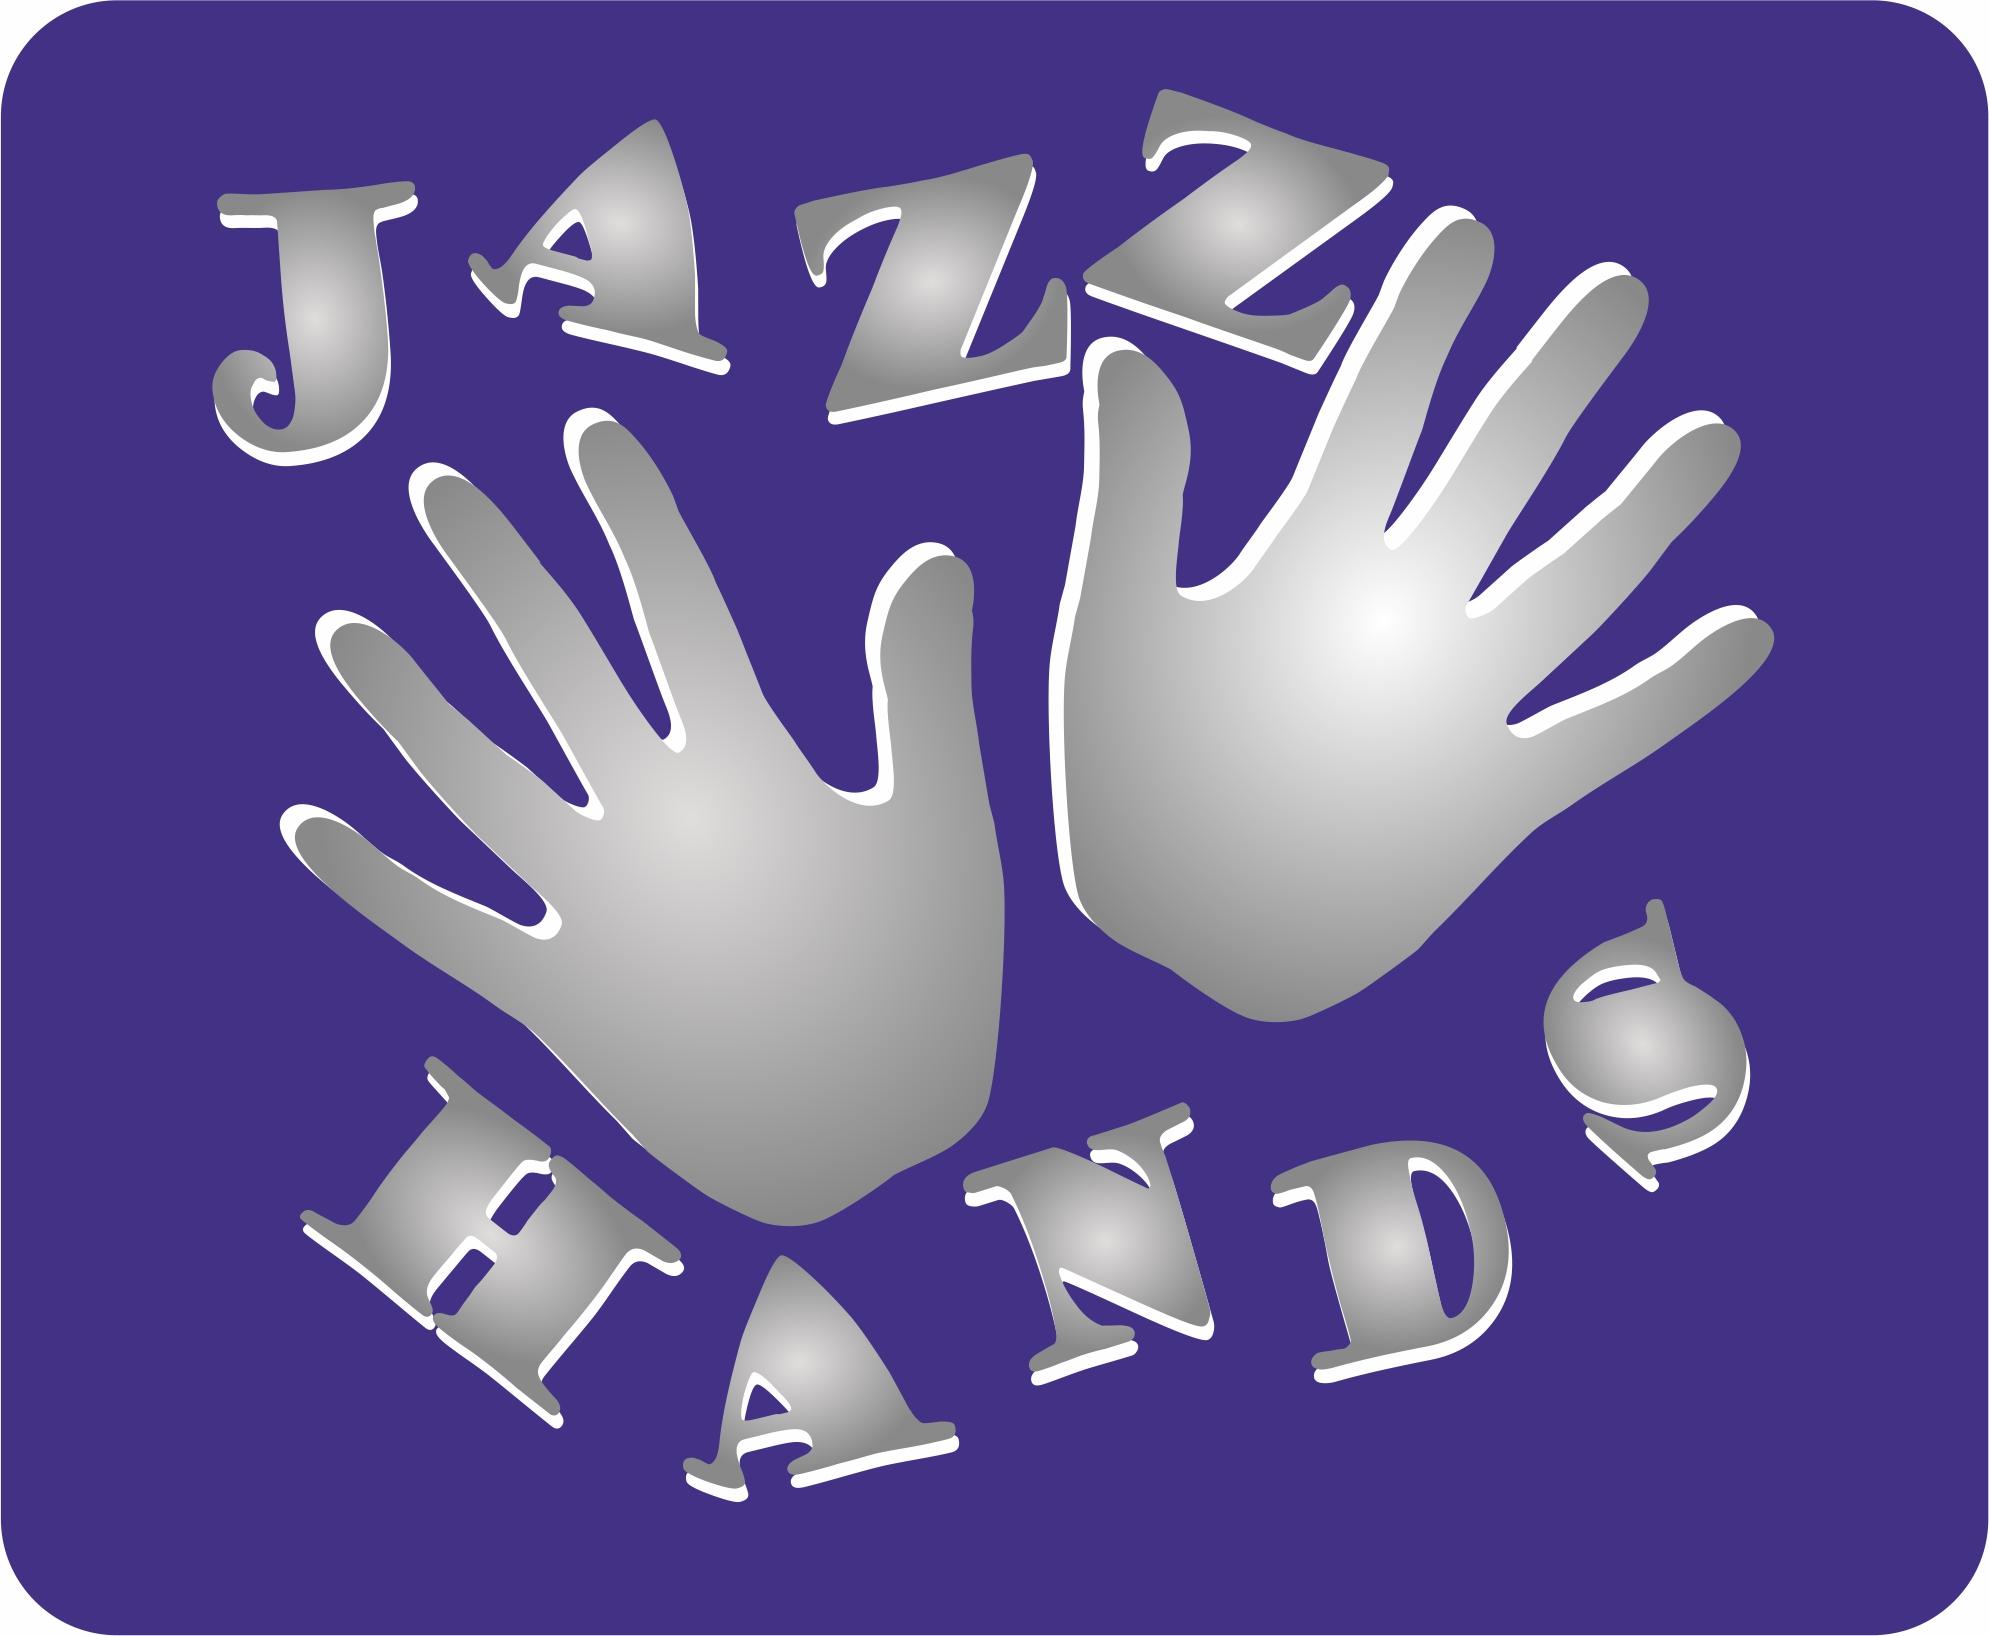 JAZZHANDS-studio-2000-2019show-logo.jpg